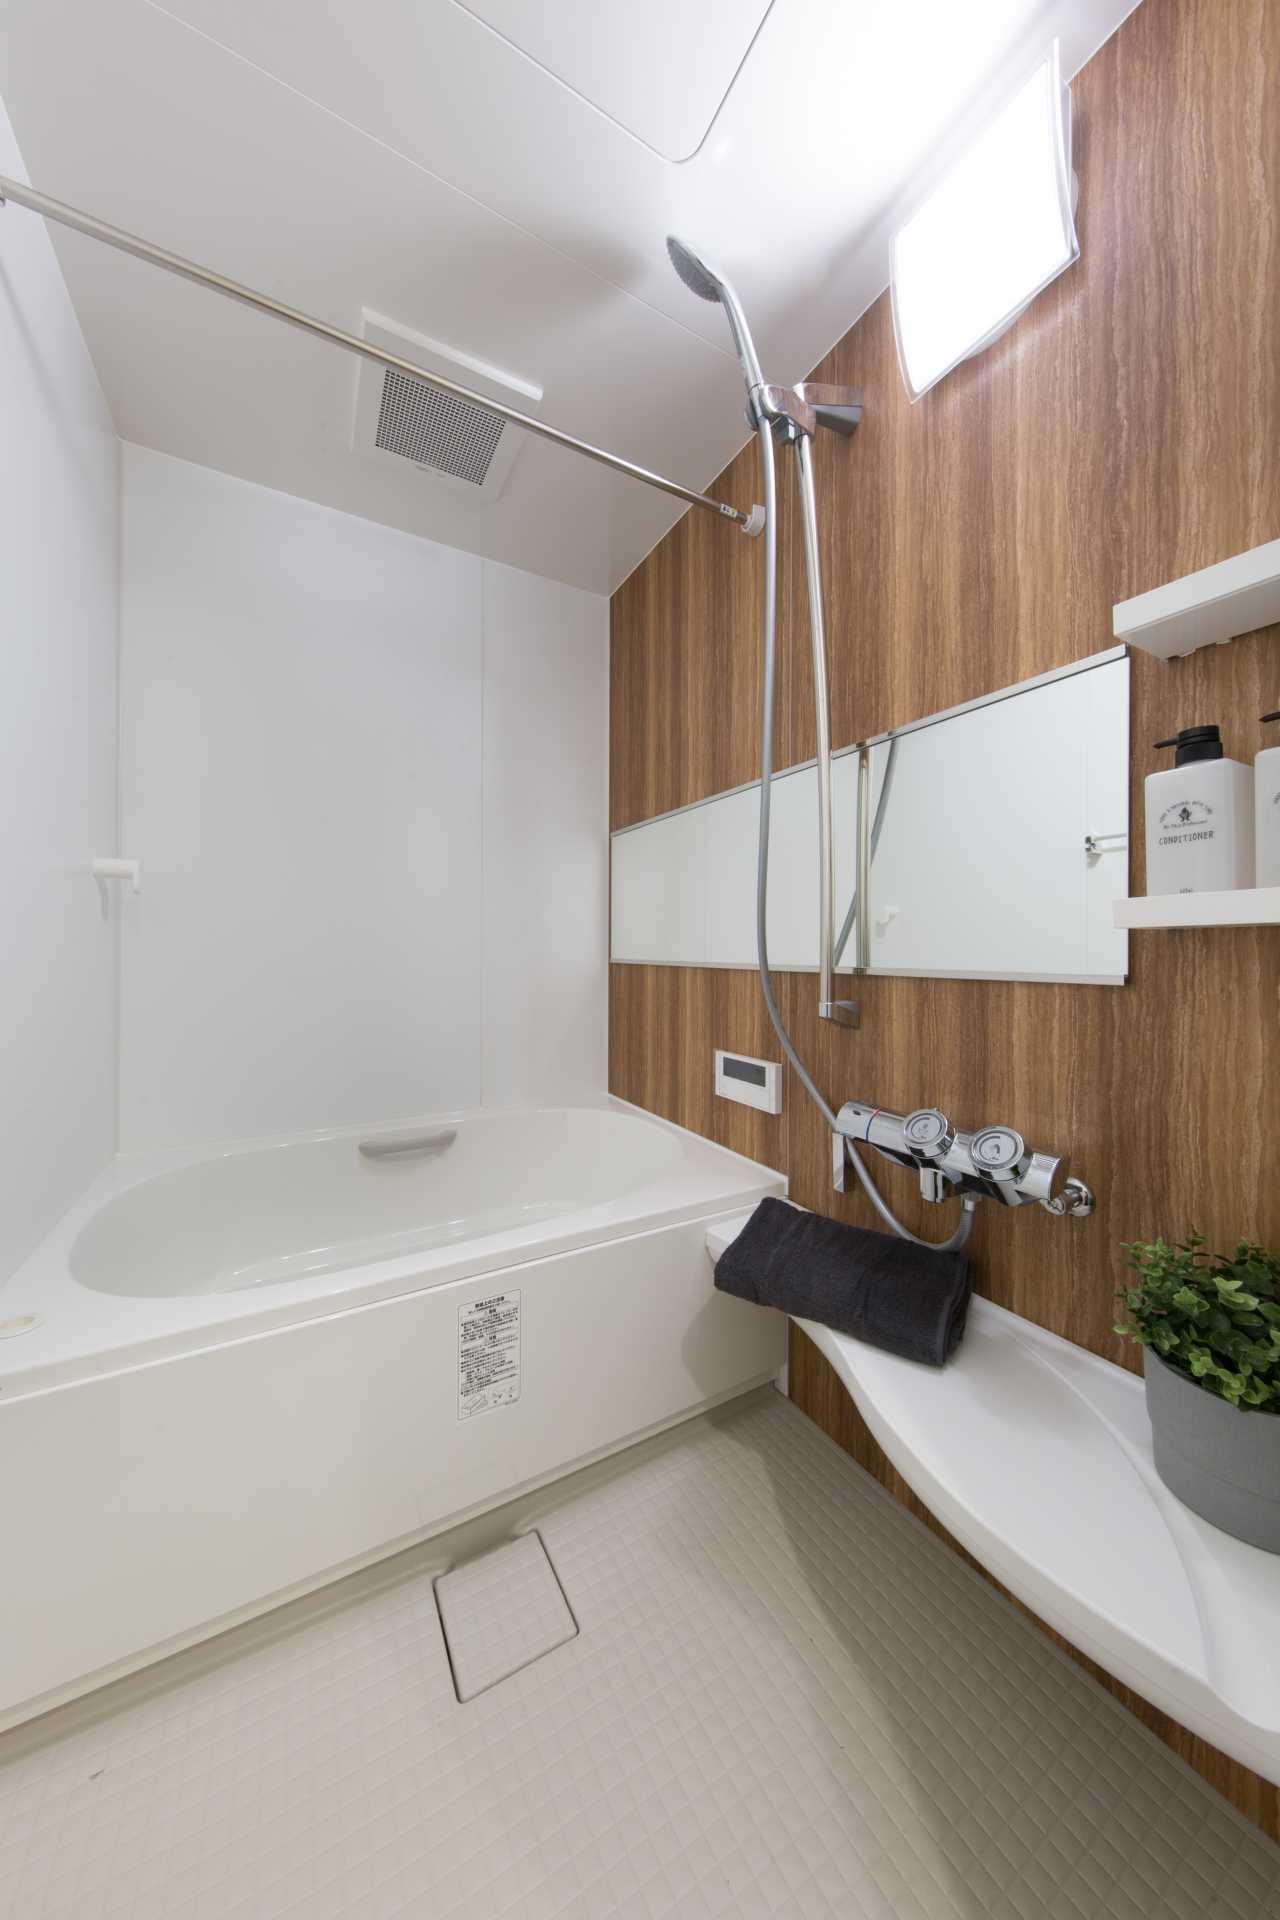 壁パネルは室内の雰囲気に合わせて木目調の温かみのあるものに